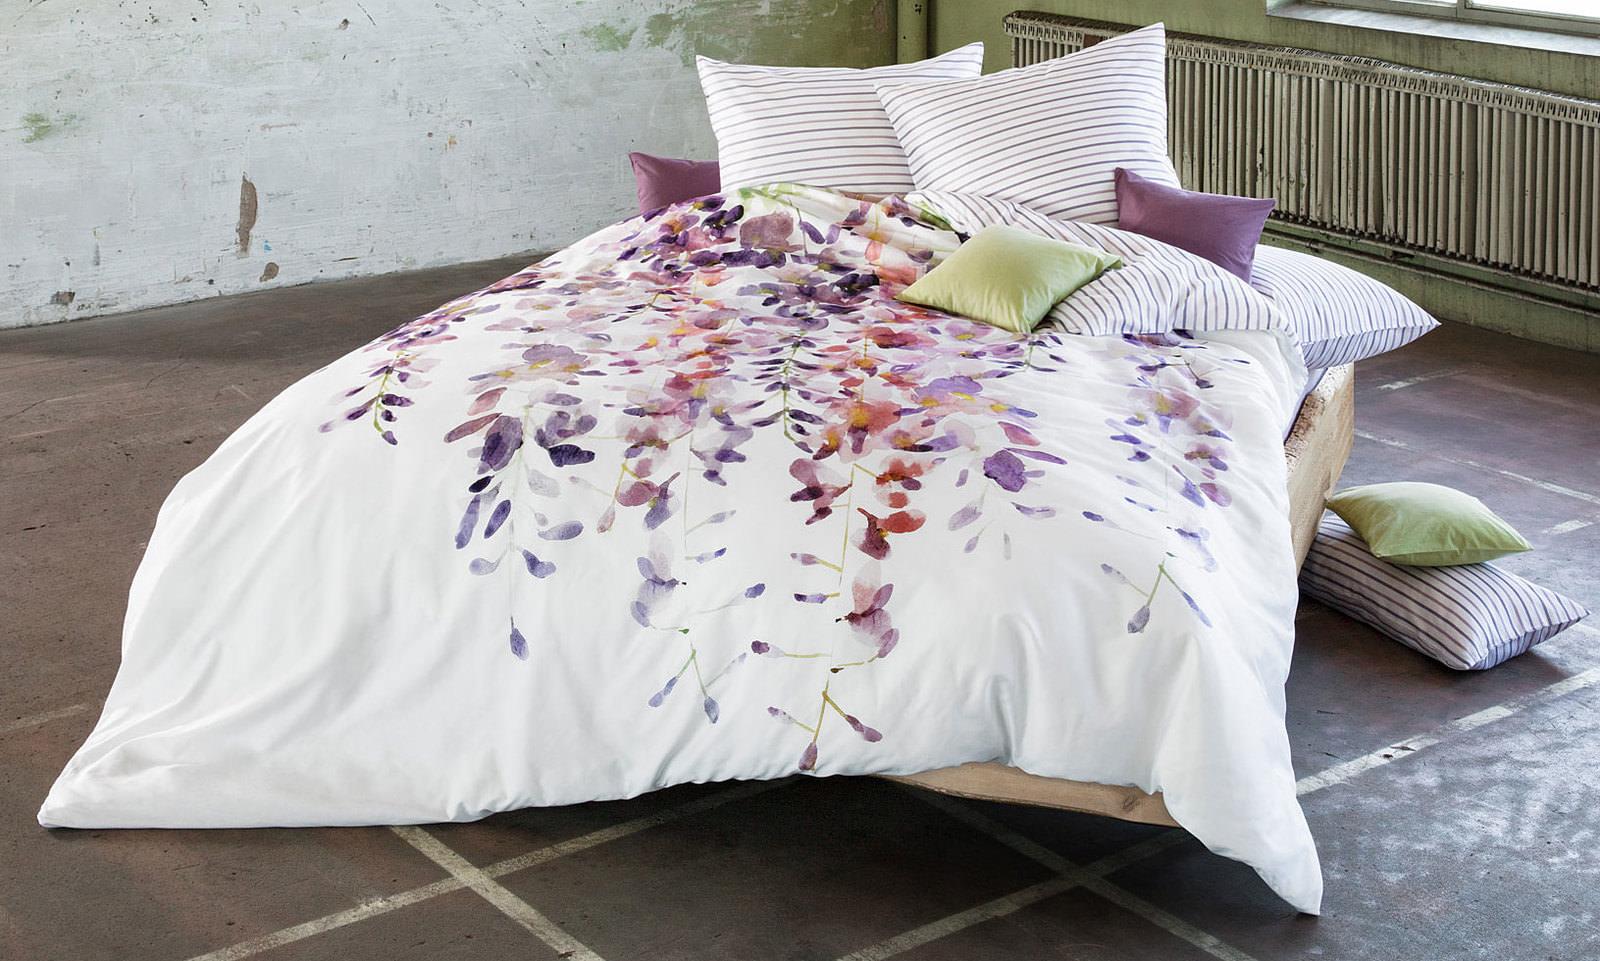 estella mako satin bettw sche online entdecken schaffrath ihr m belhaus. Black Bedroom Furniture Sets. Home Design Ideas